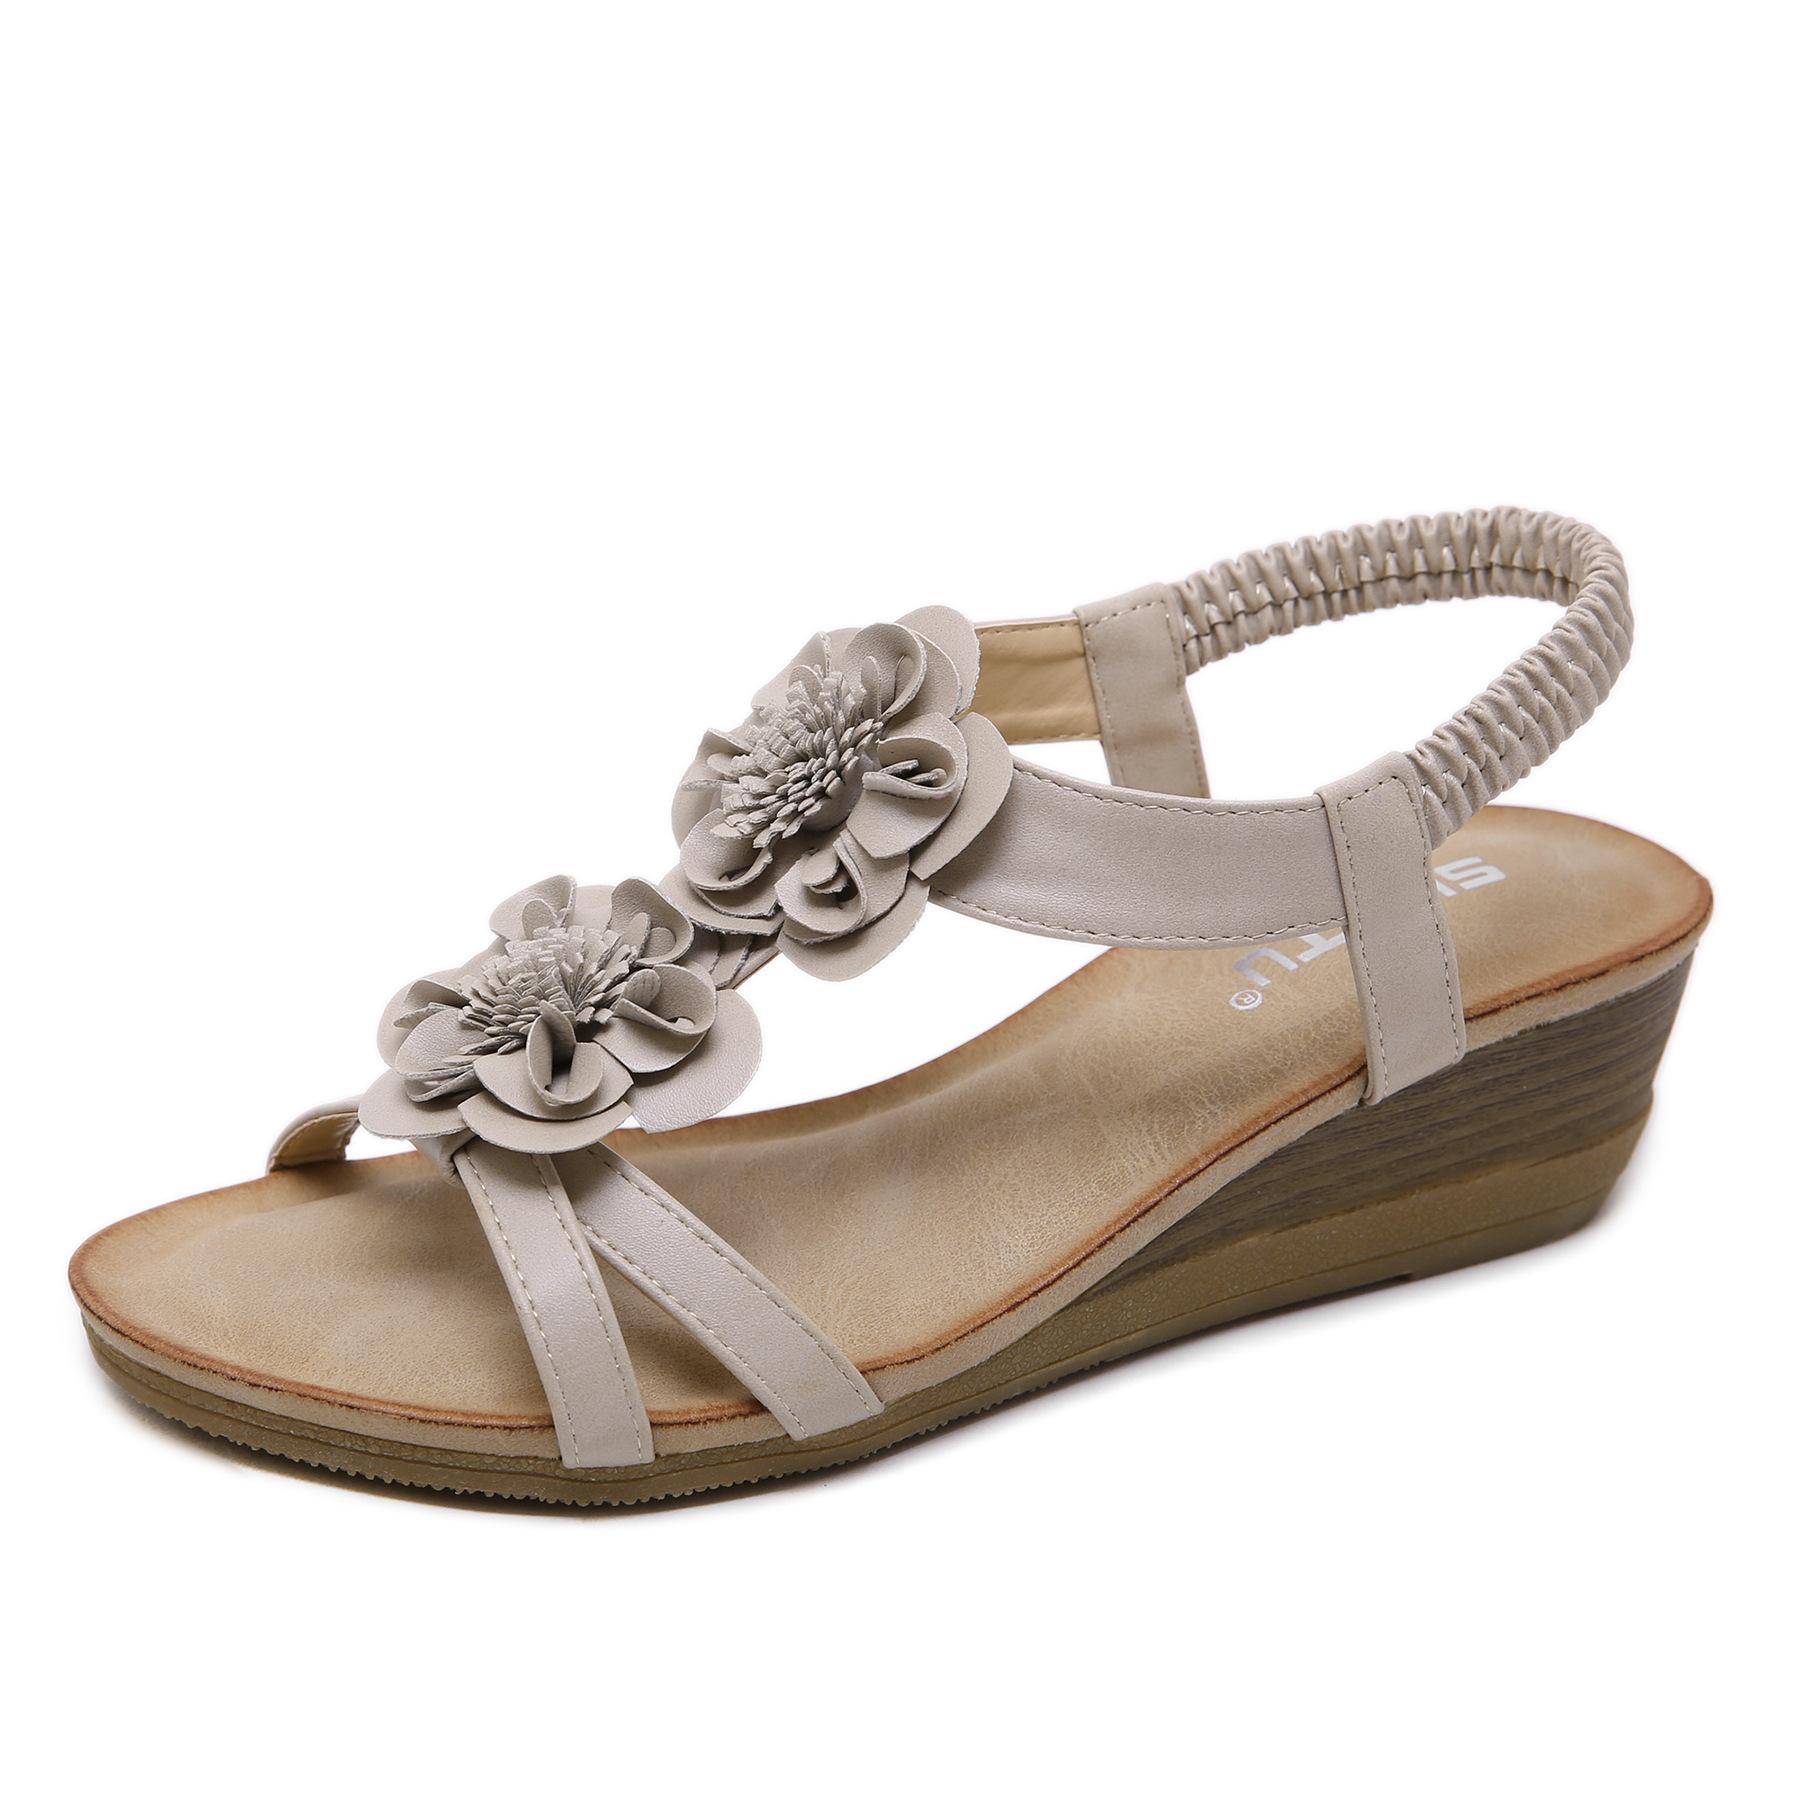 沙滩凉鞋 2020夏季新款黑杏色花朵低帮牛筋底波西米亚沙滩鞋中跟坡跟女凉鞋_推荐淘宝好看的女沙滩凉鞋